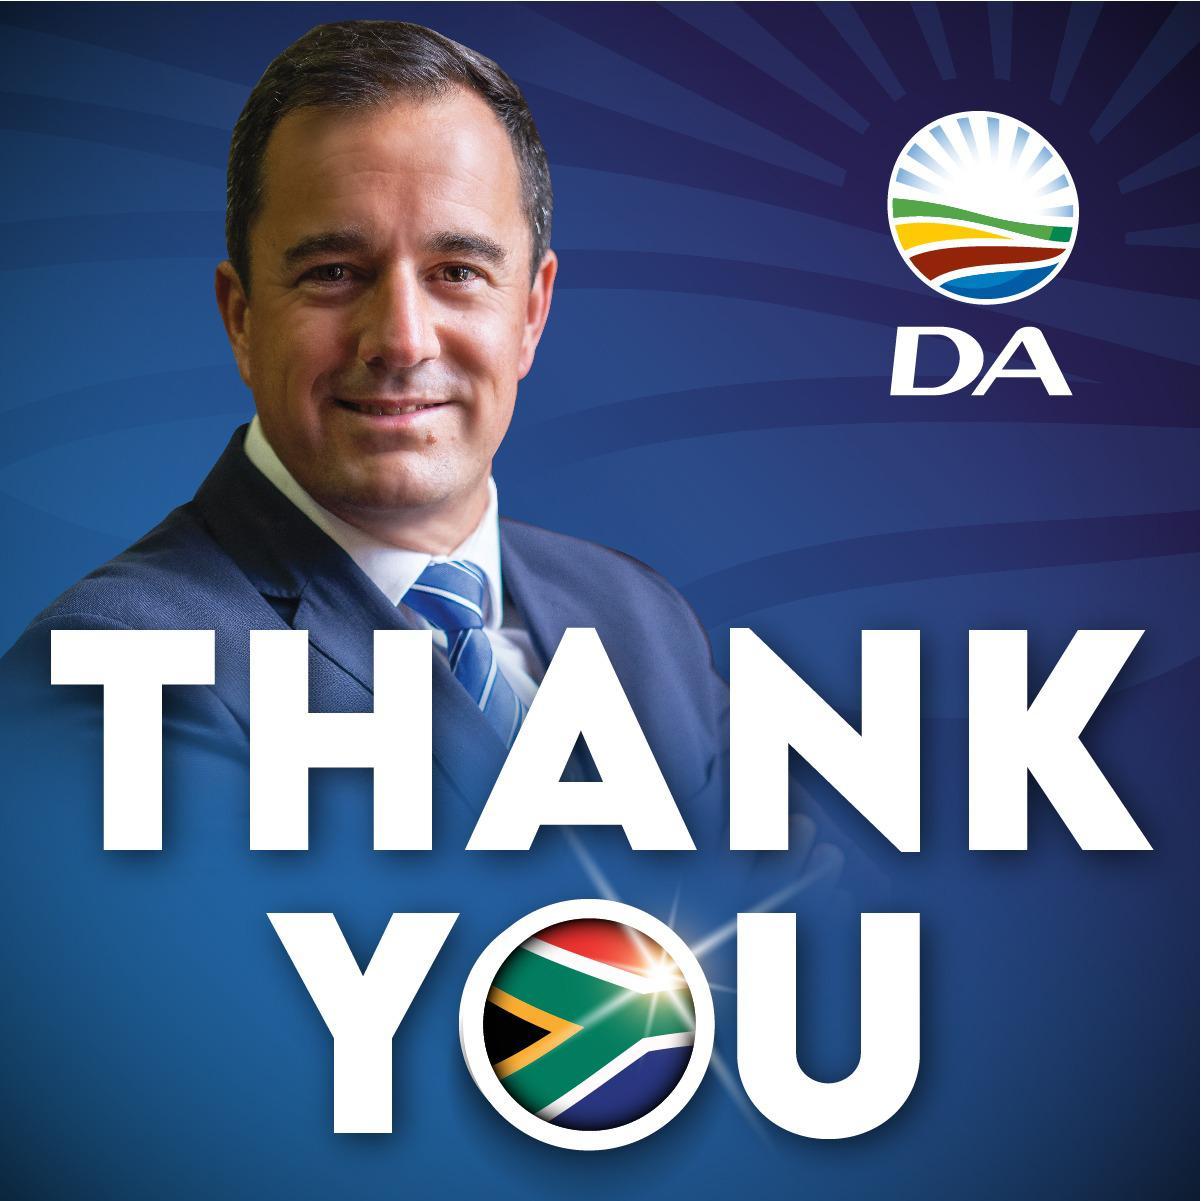 DA Leader Steenhuisen's Acceptance Speech